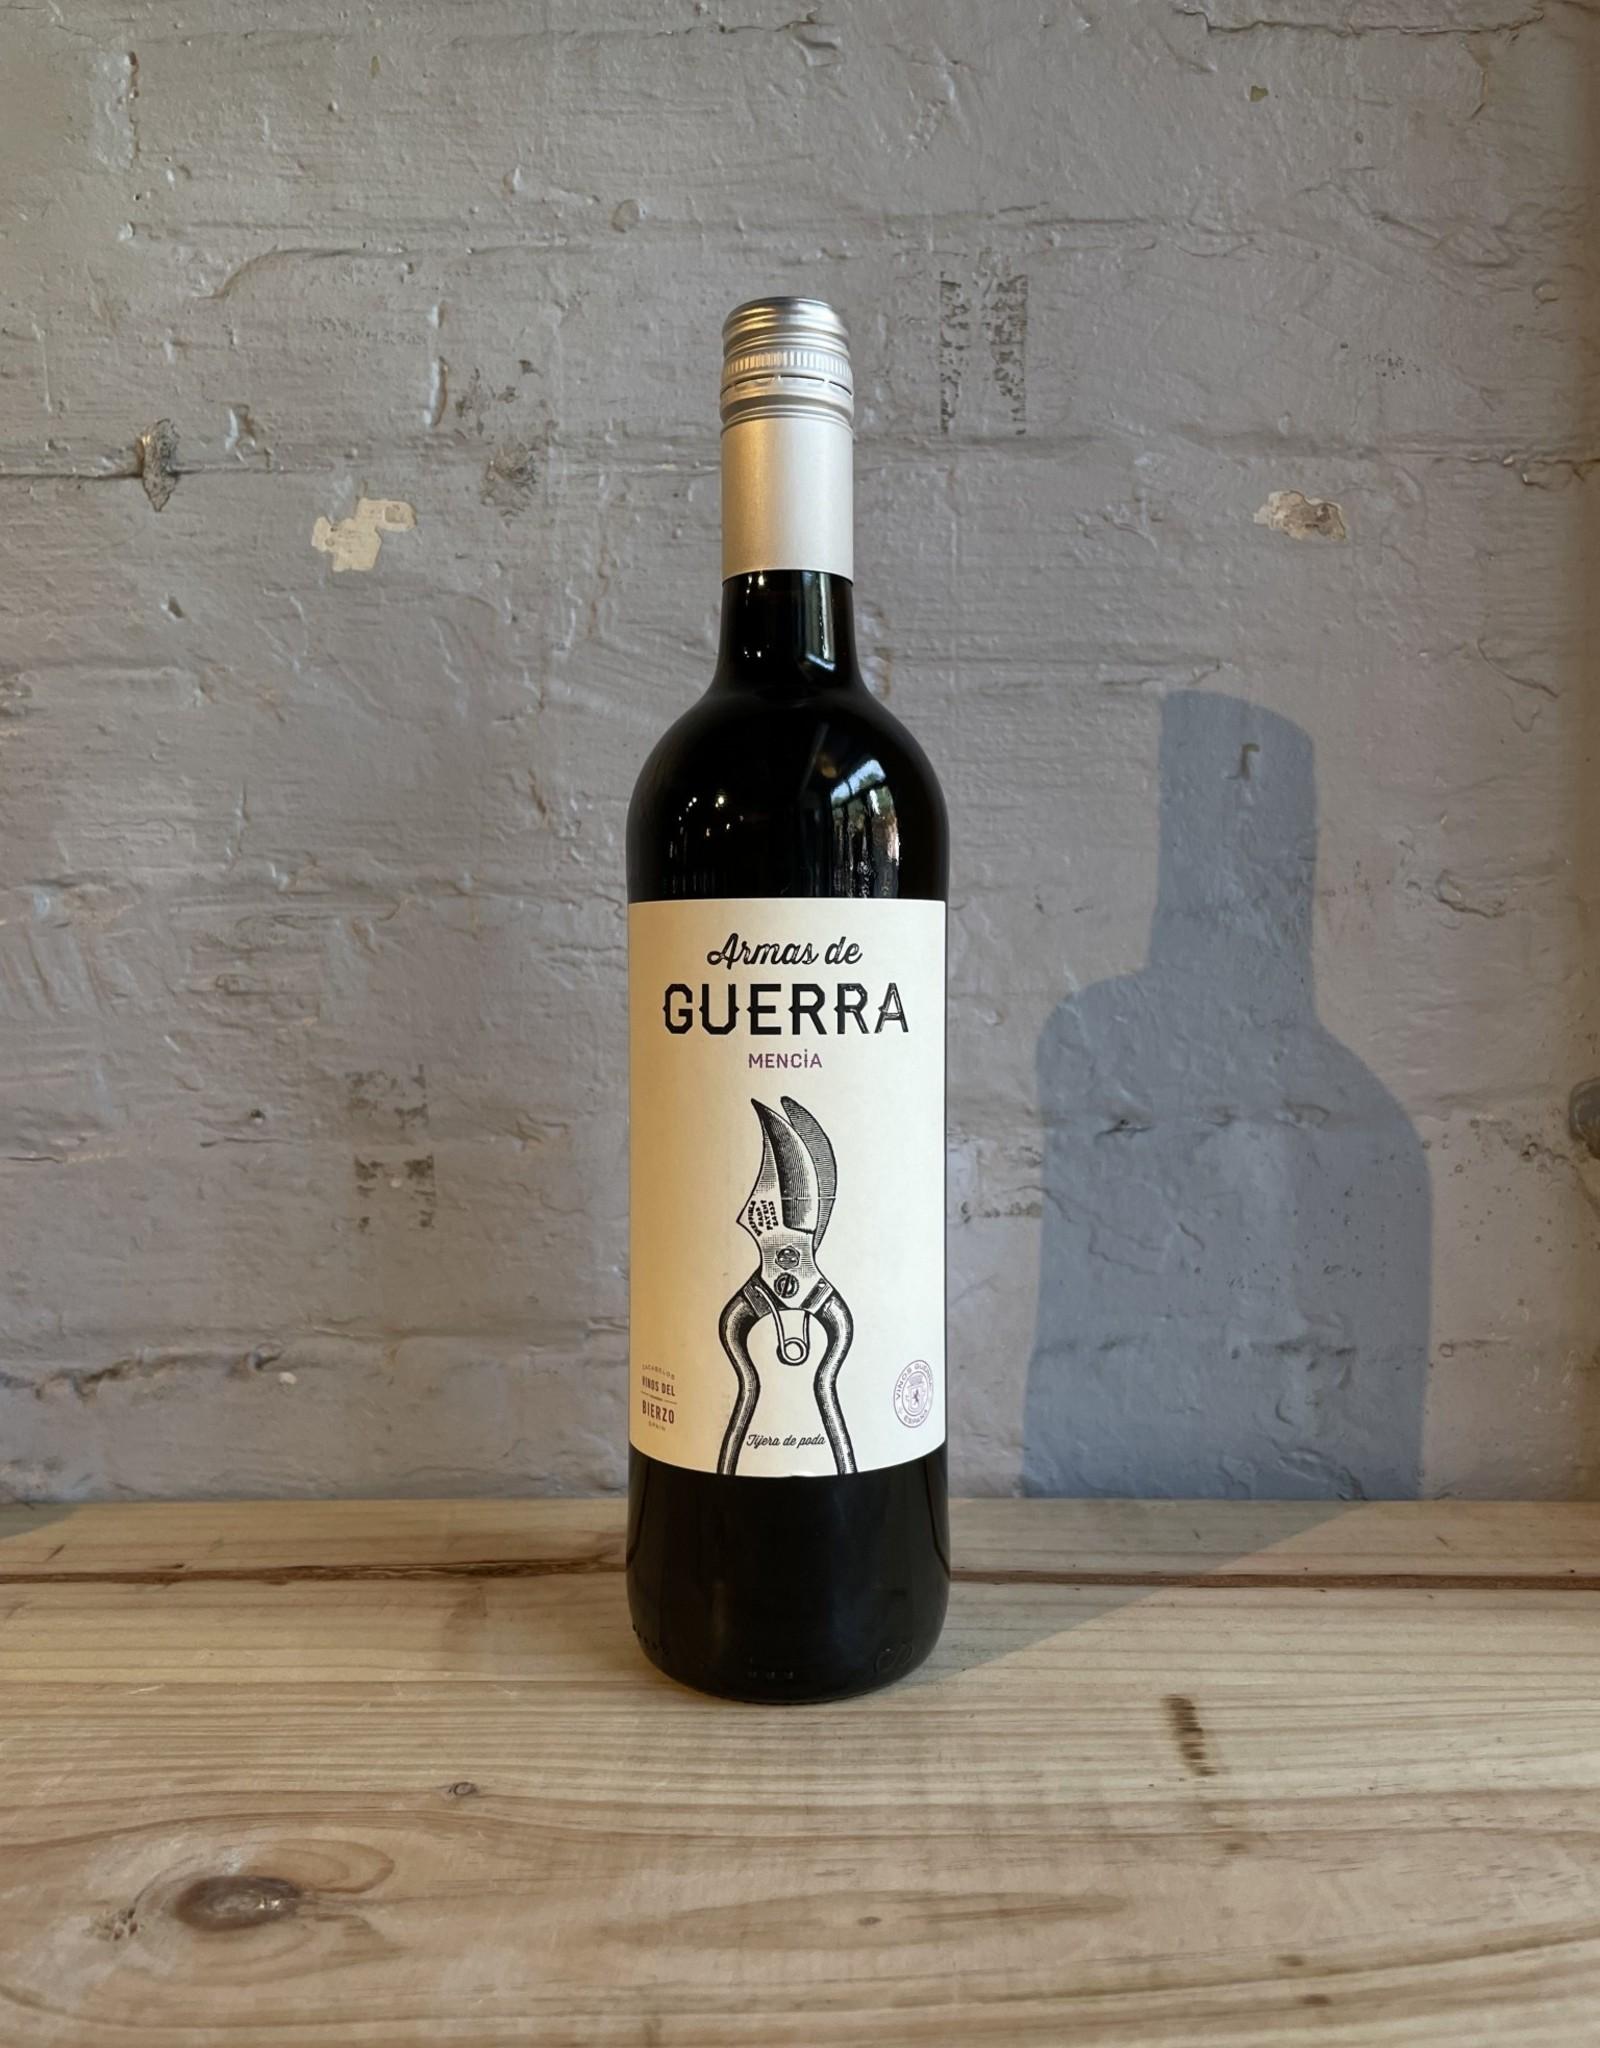 Wine 2019 Armas de Guerra Bierzo Tinto - Castilla y Leon, Spain (750ml)